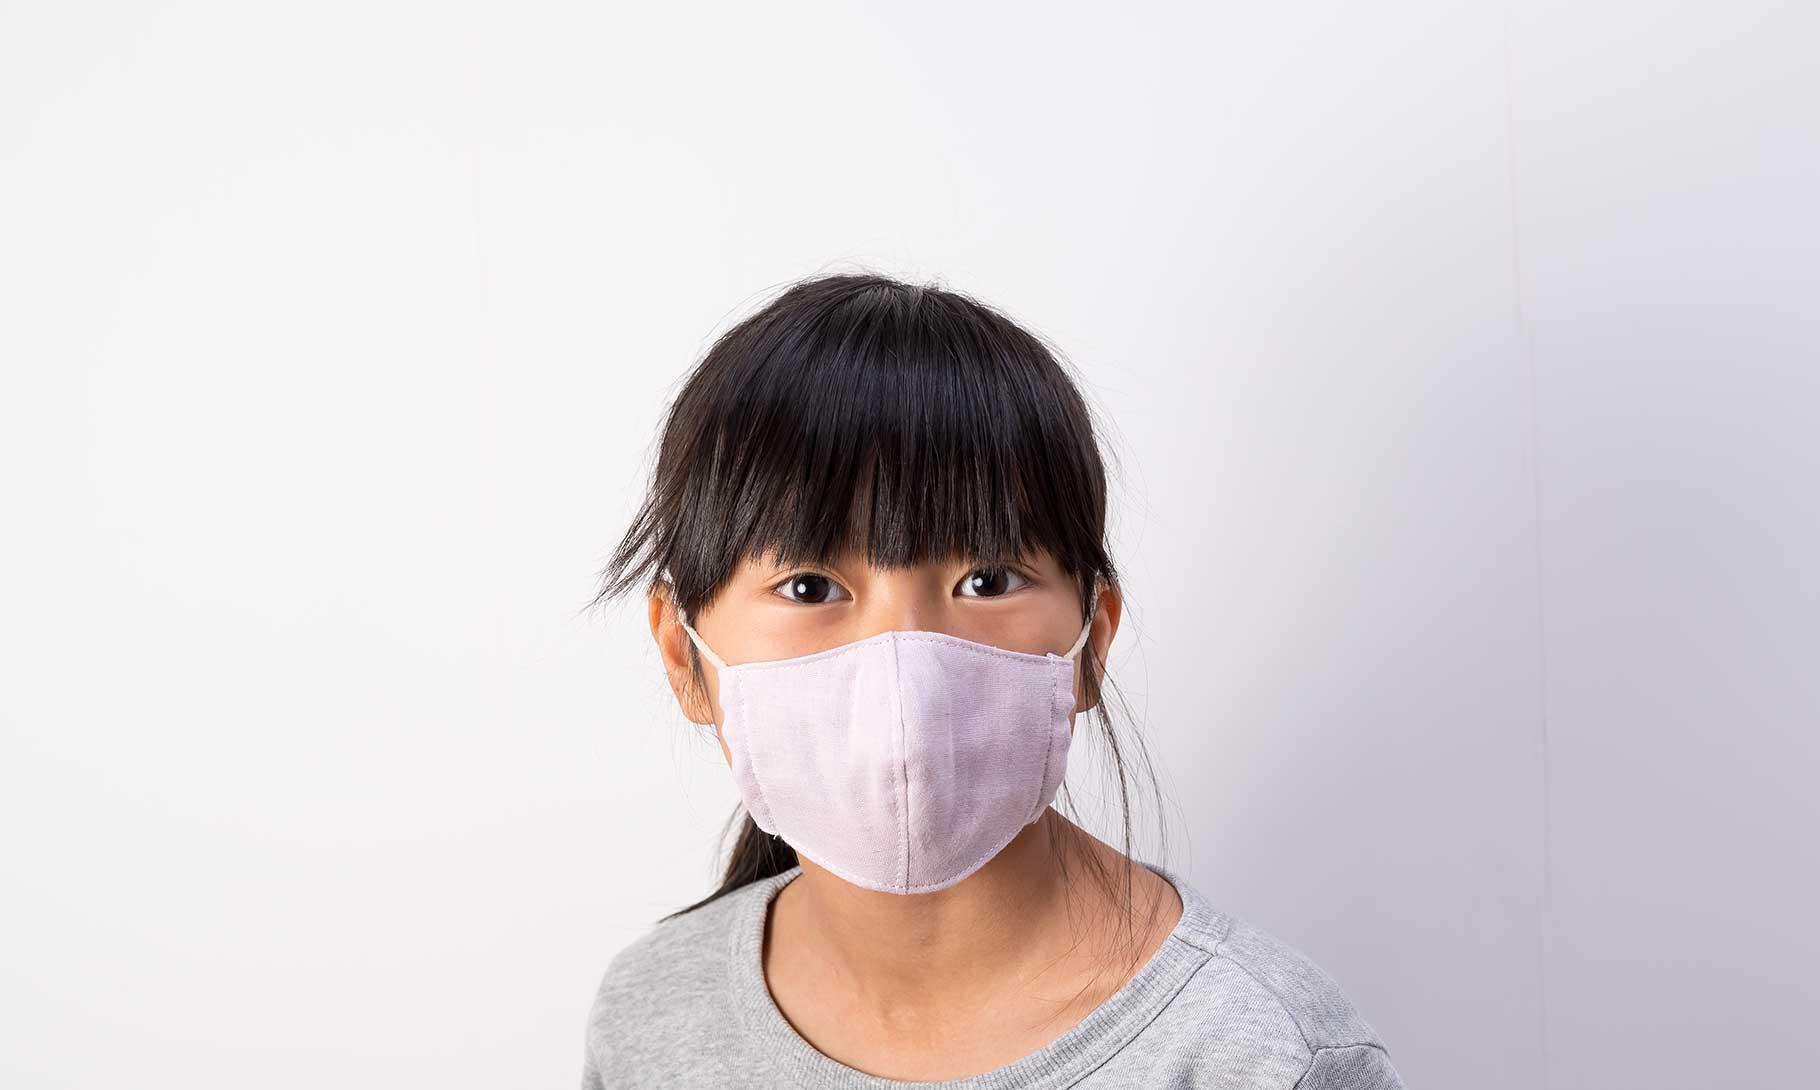 子供用立体マスク女の子装着正面